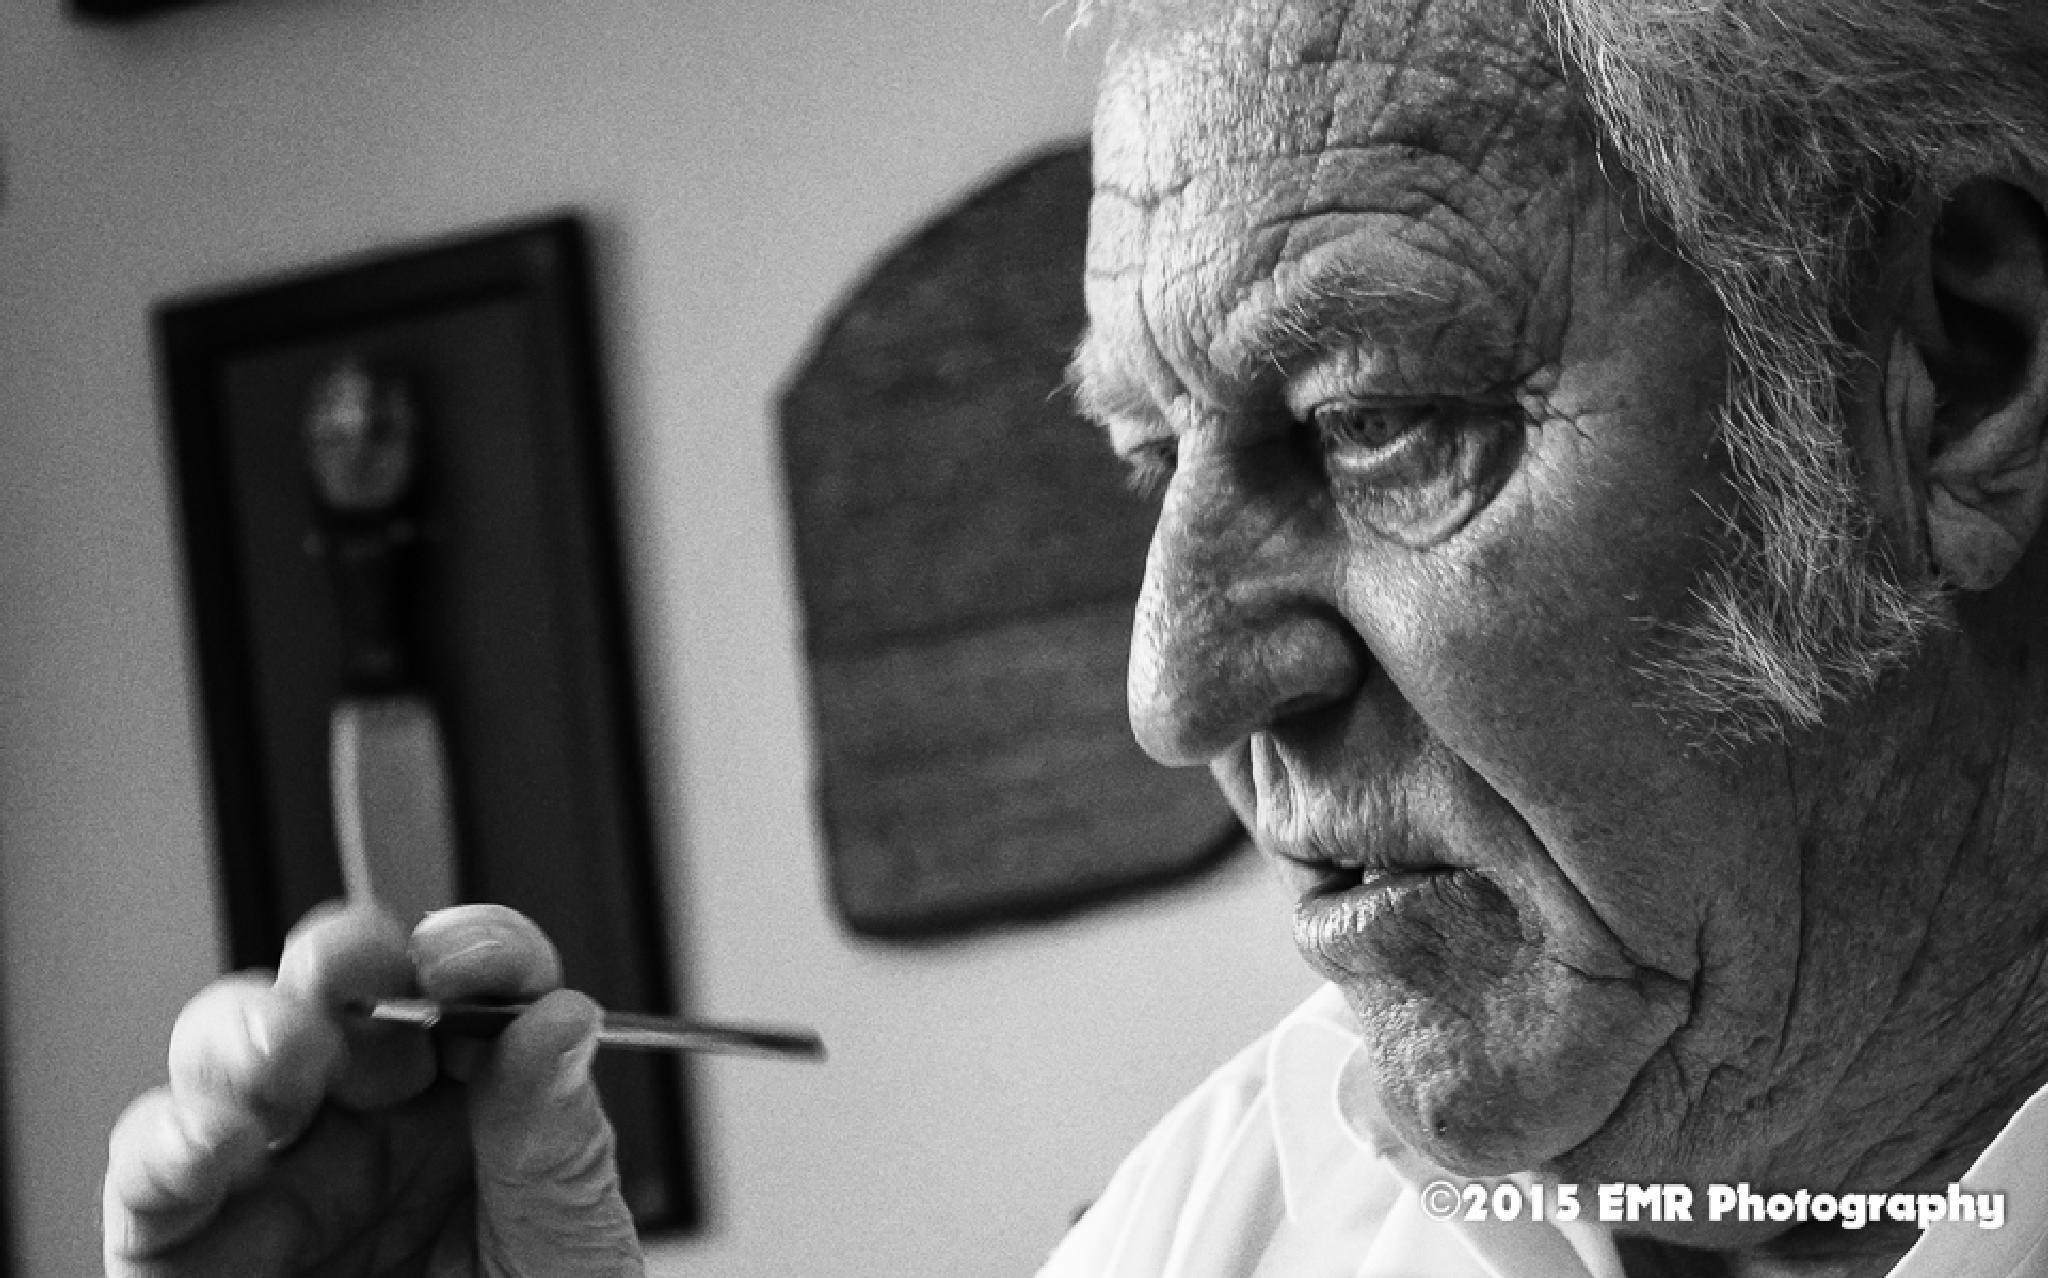 Dick van der Lippe by EMR Photography & Fotomodel Marijn